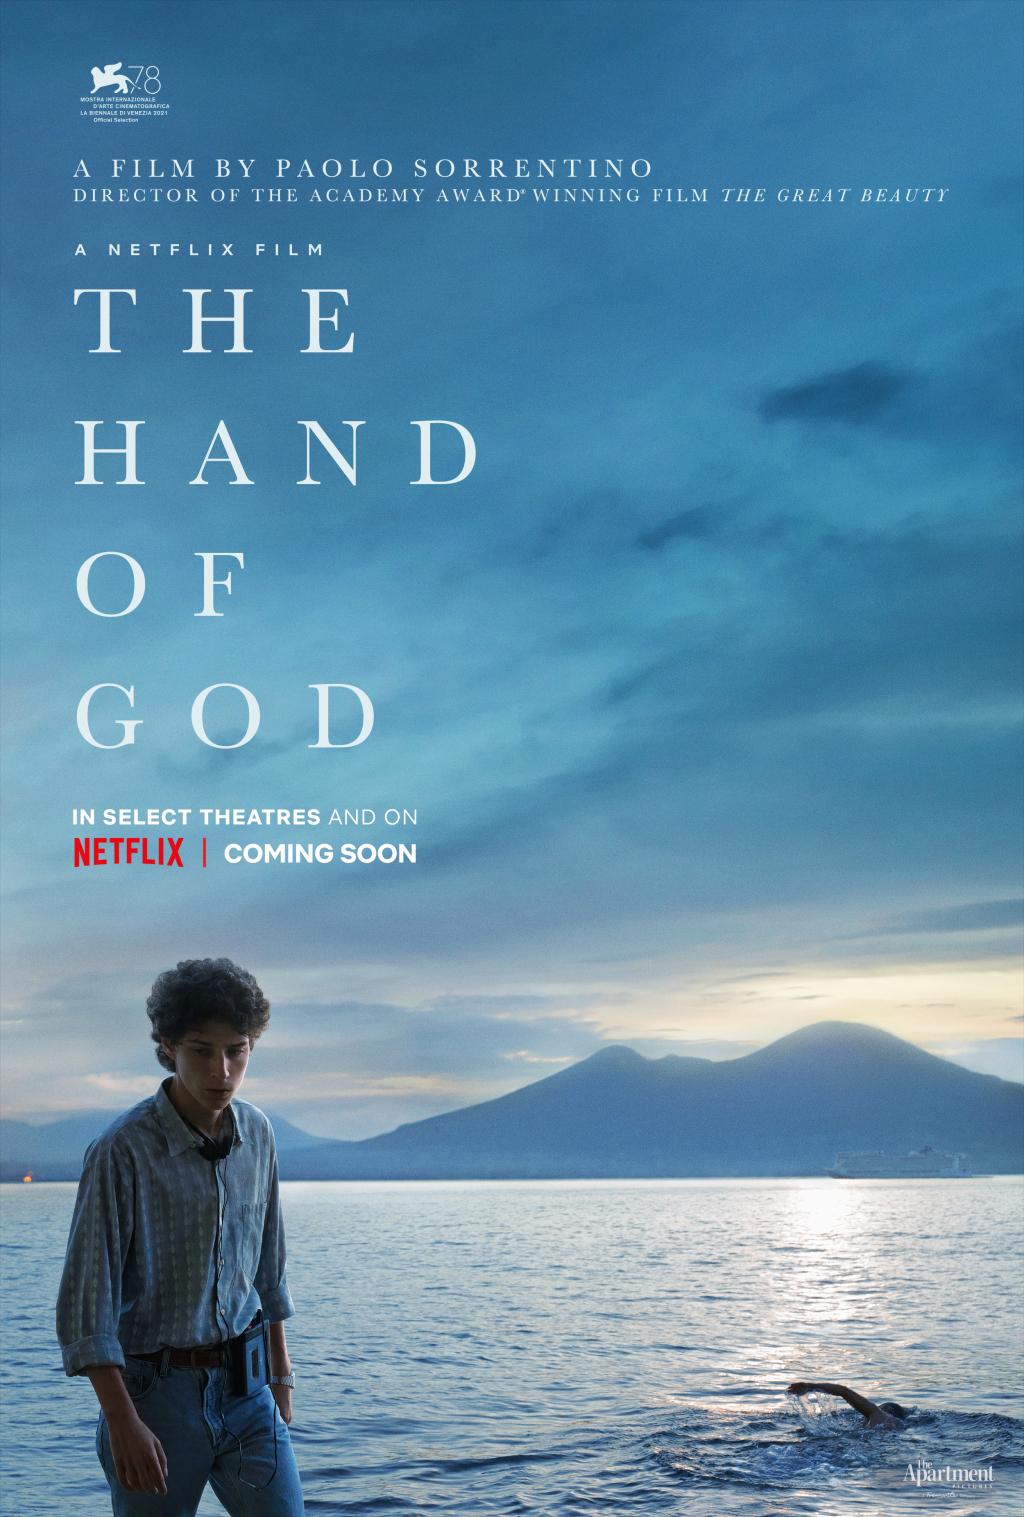 Fue la mano de Dios: Avance del nuevo film de Paolo Sorrentino